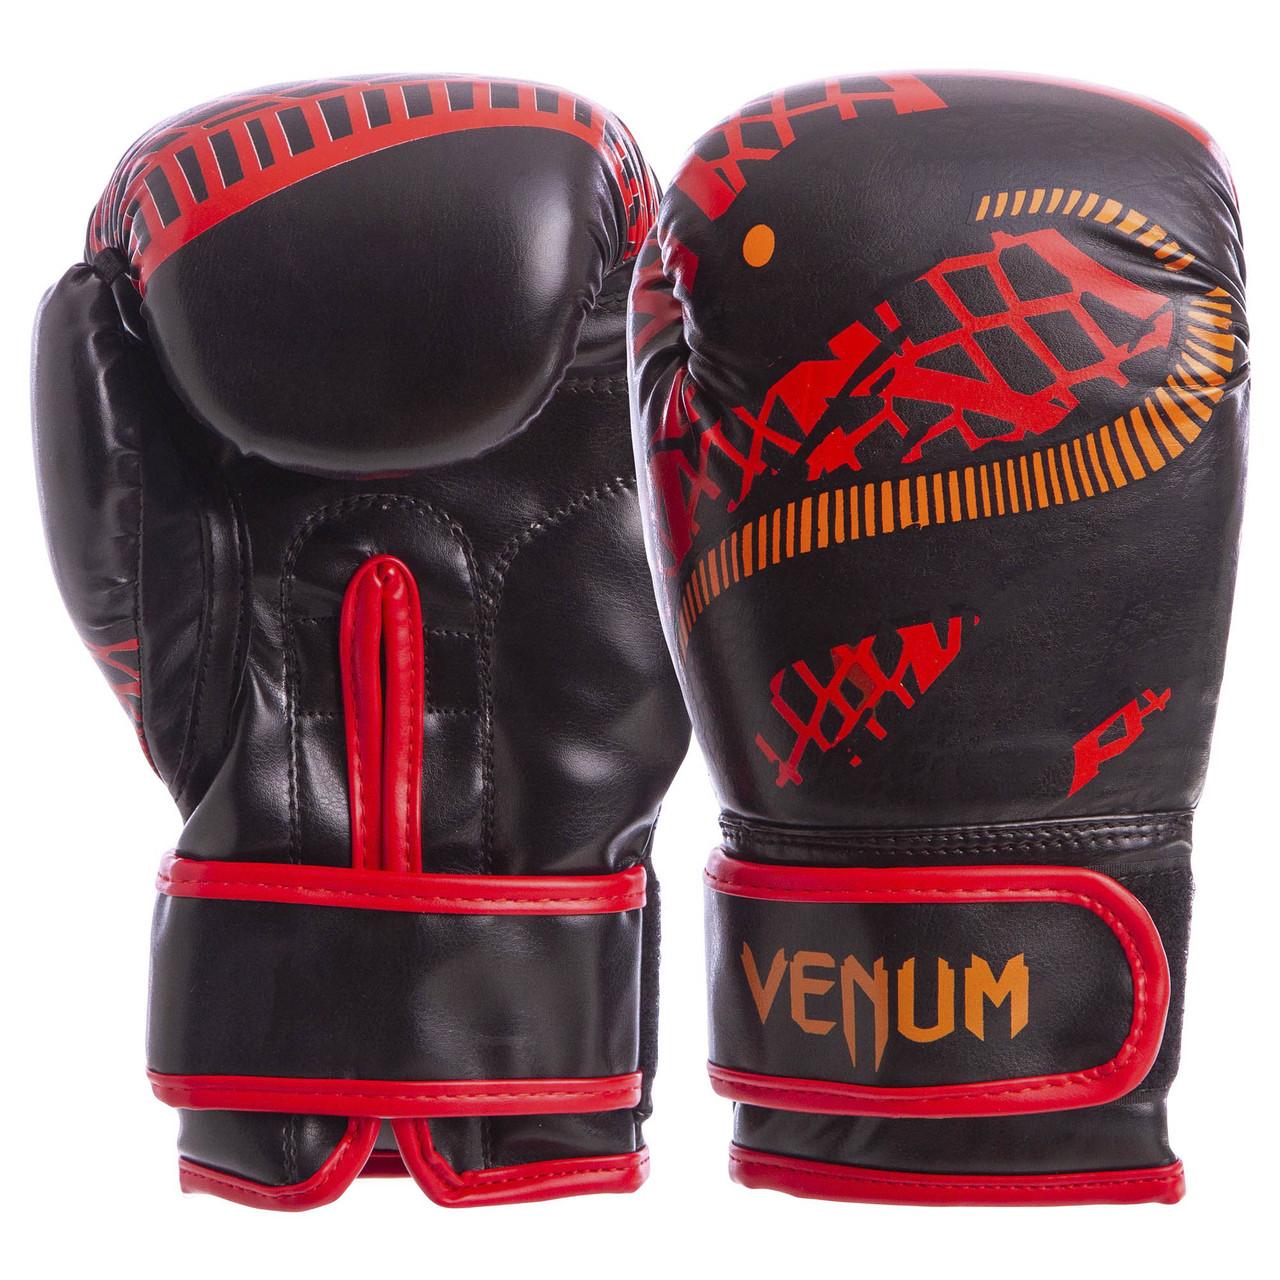 Перчатки боксерские FLEX на липучке VENUM SNAKER 4oz черно-красные VL-5795-R